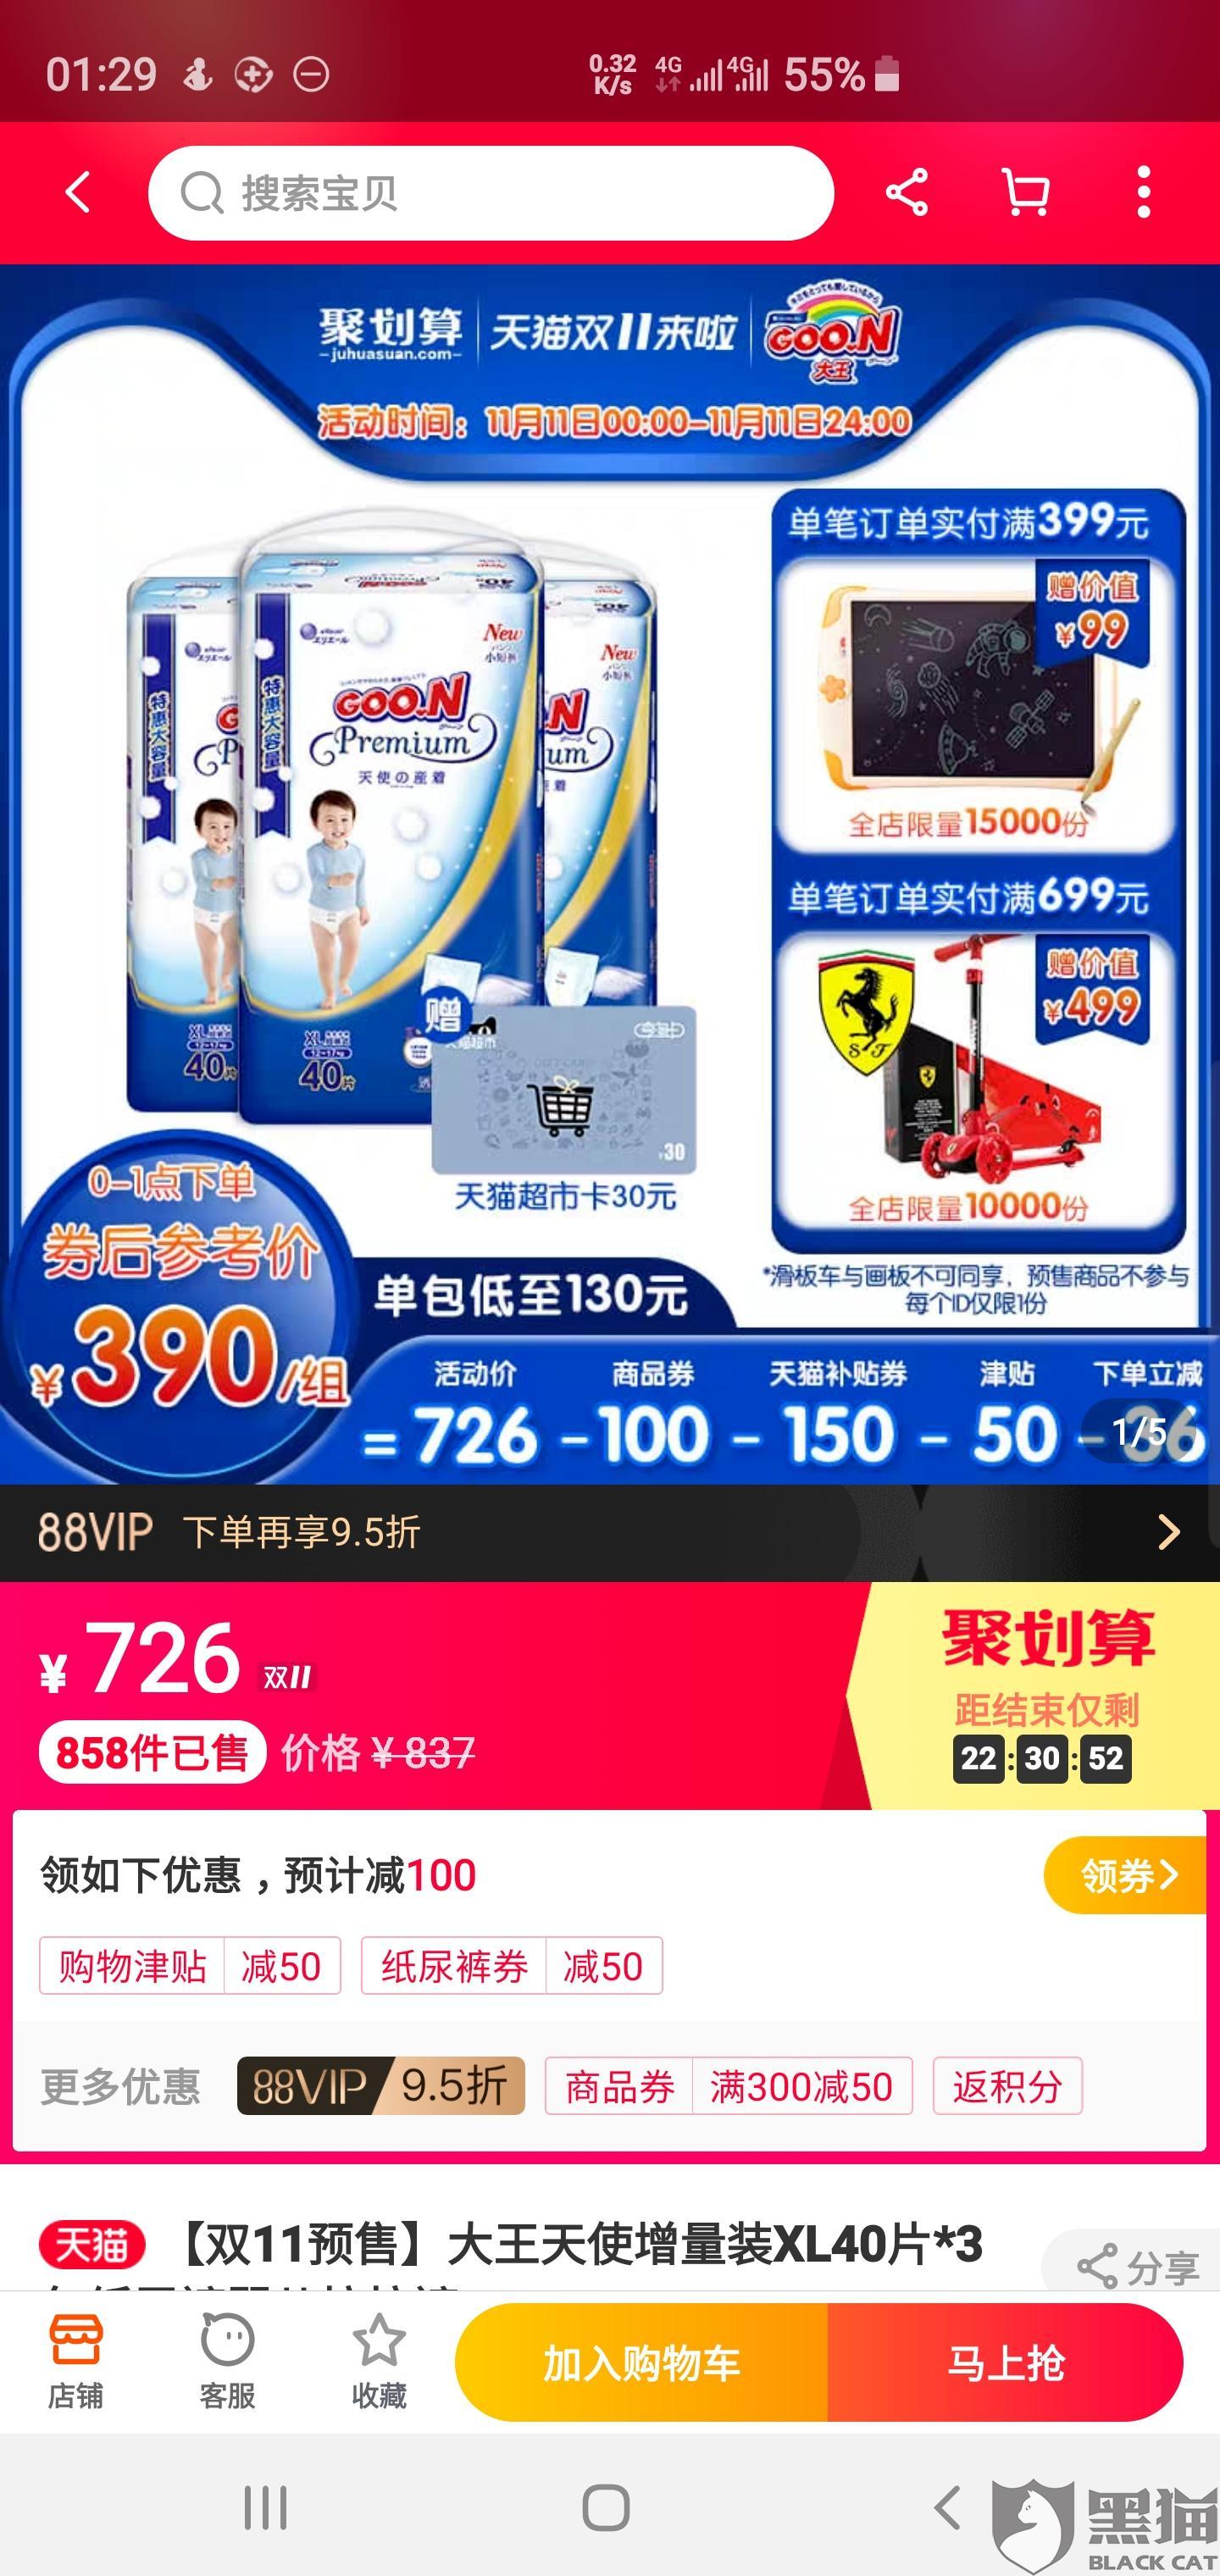 黑猫投诉:双十一当天宣传价格高于预售宣传价格,实际支付价格差距更大